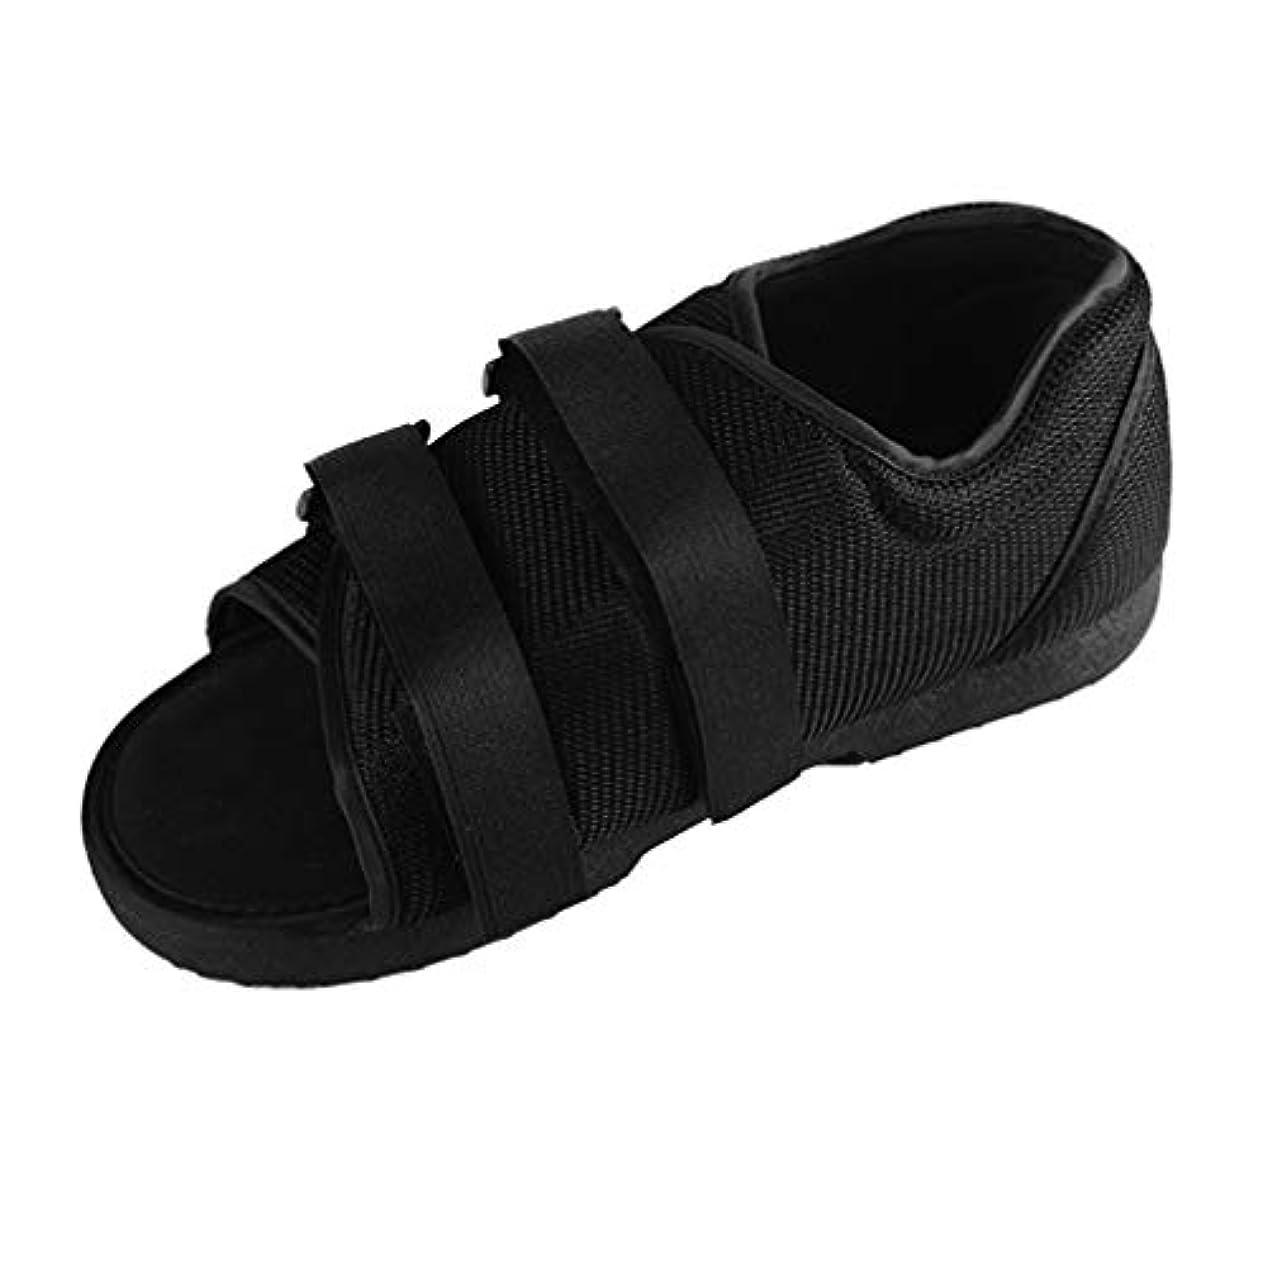 回転人物手書きHealifty 手術後の靴メディカルウォーキングシューズ調節可能なストラップ怪我変形親指外反靴足の骨折患者(wm黒)